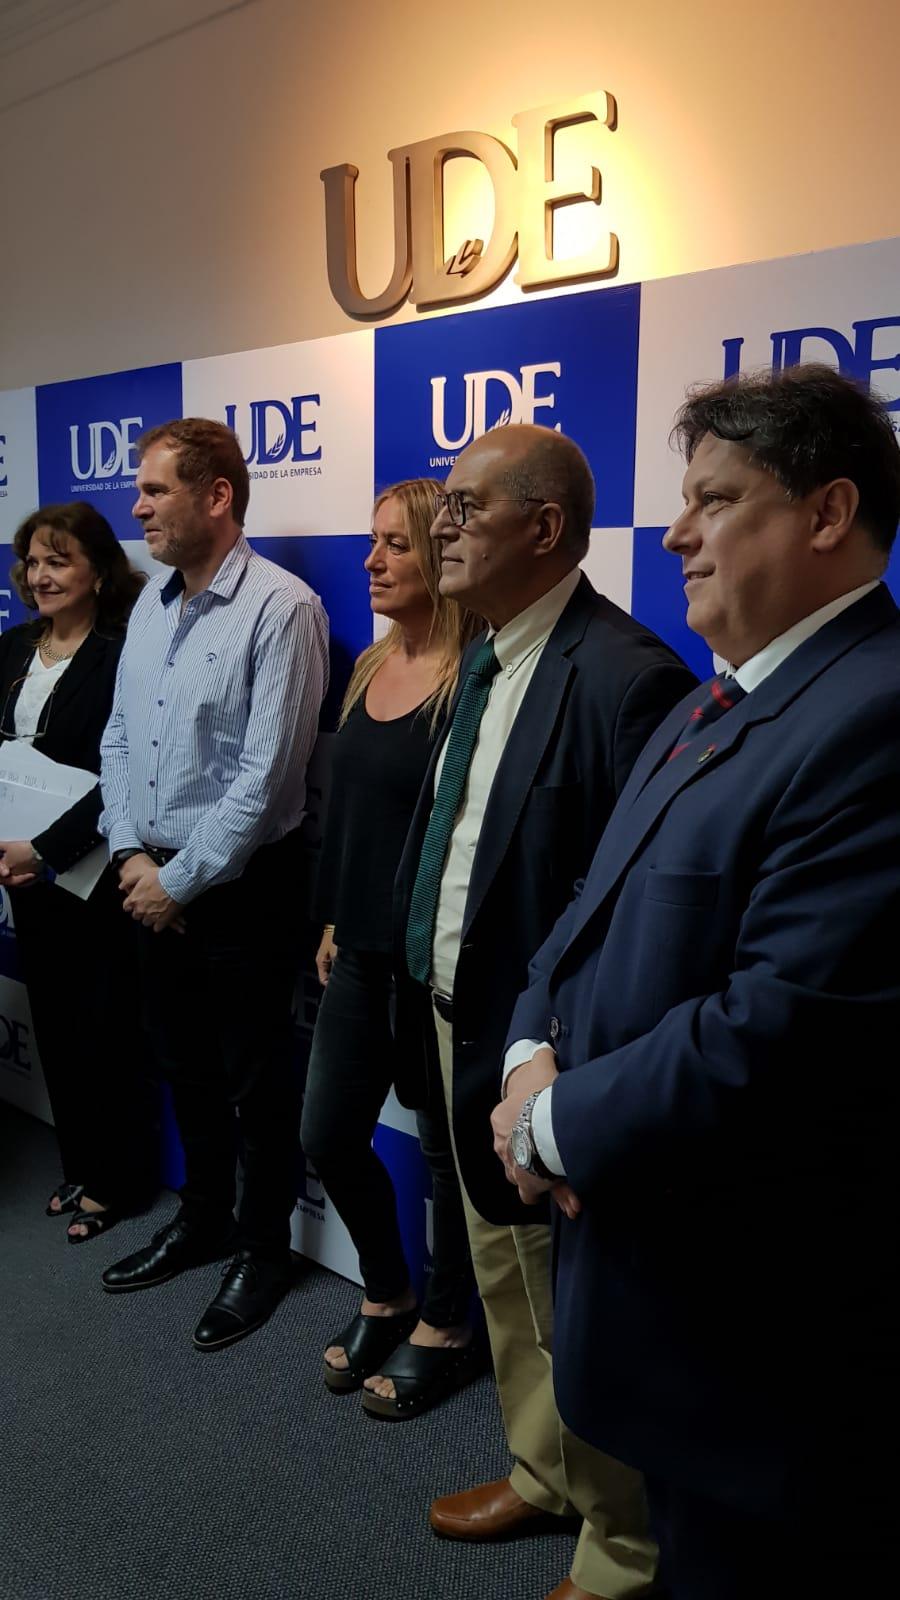 Intercambio académico <br> UCES | UDE 2